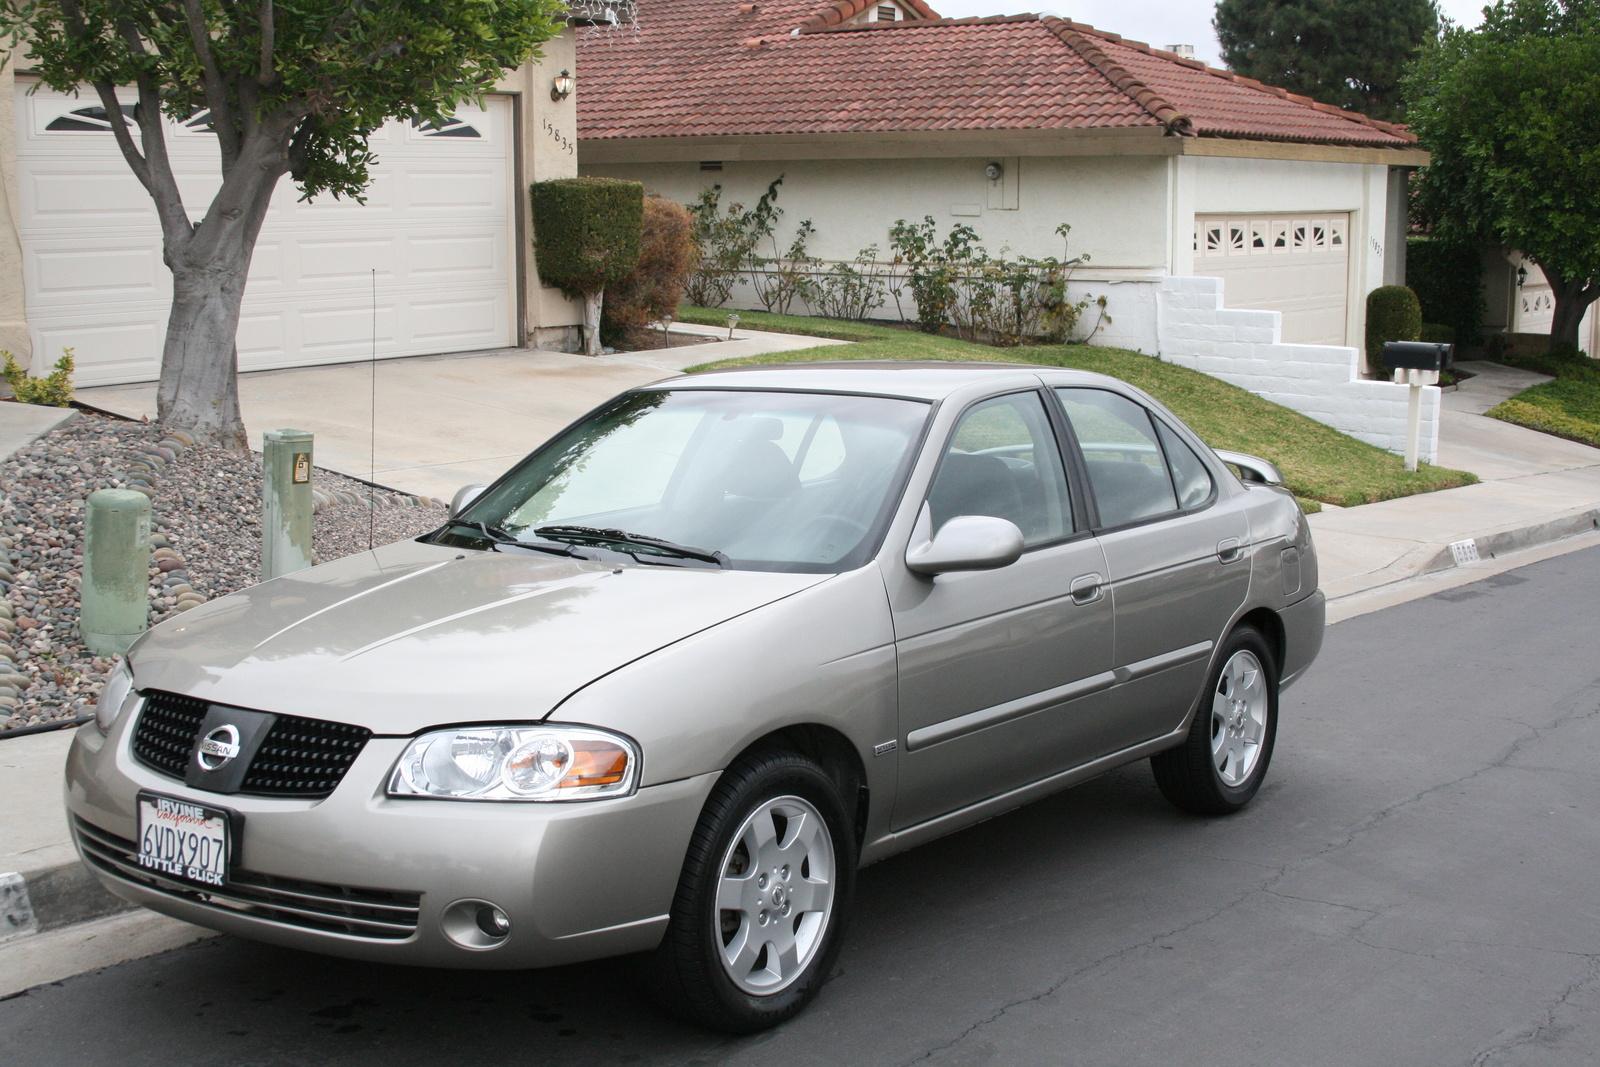 2006 Nissan Sentra Pictures Cargurus